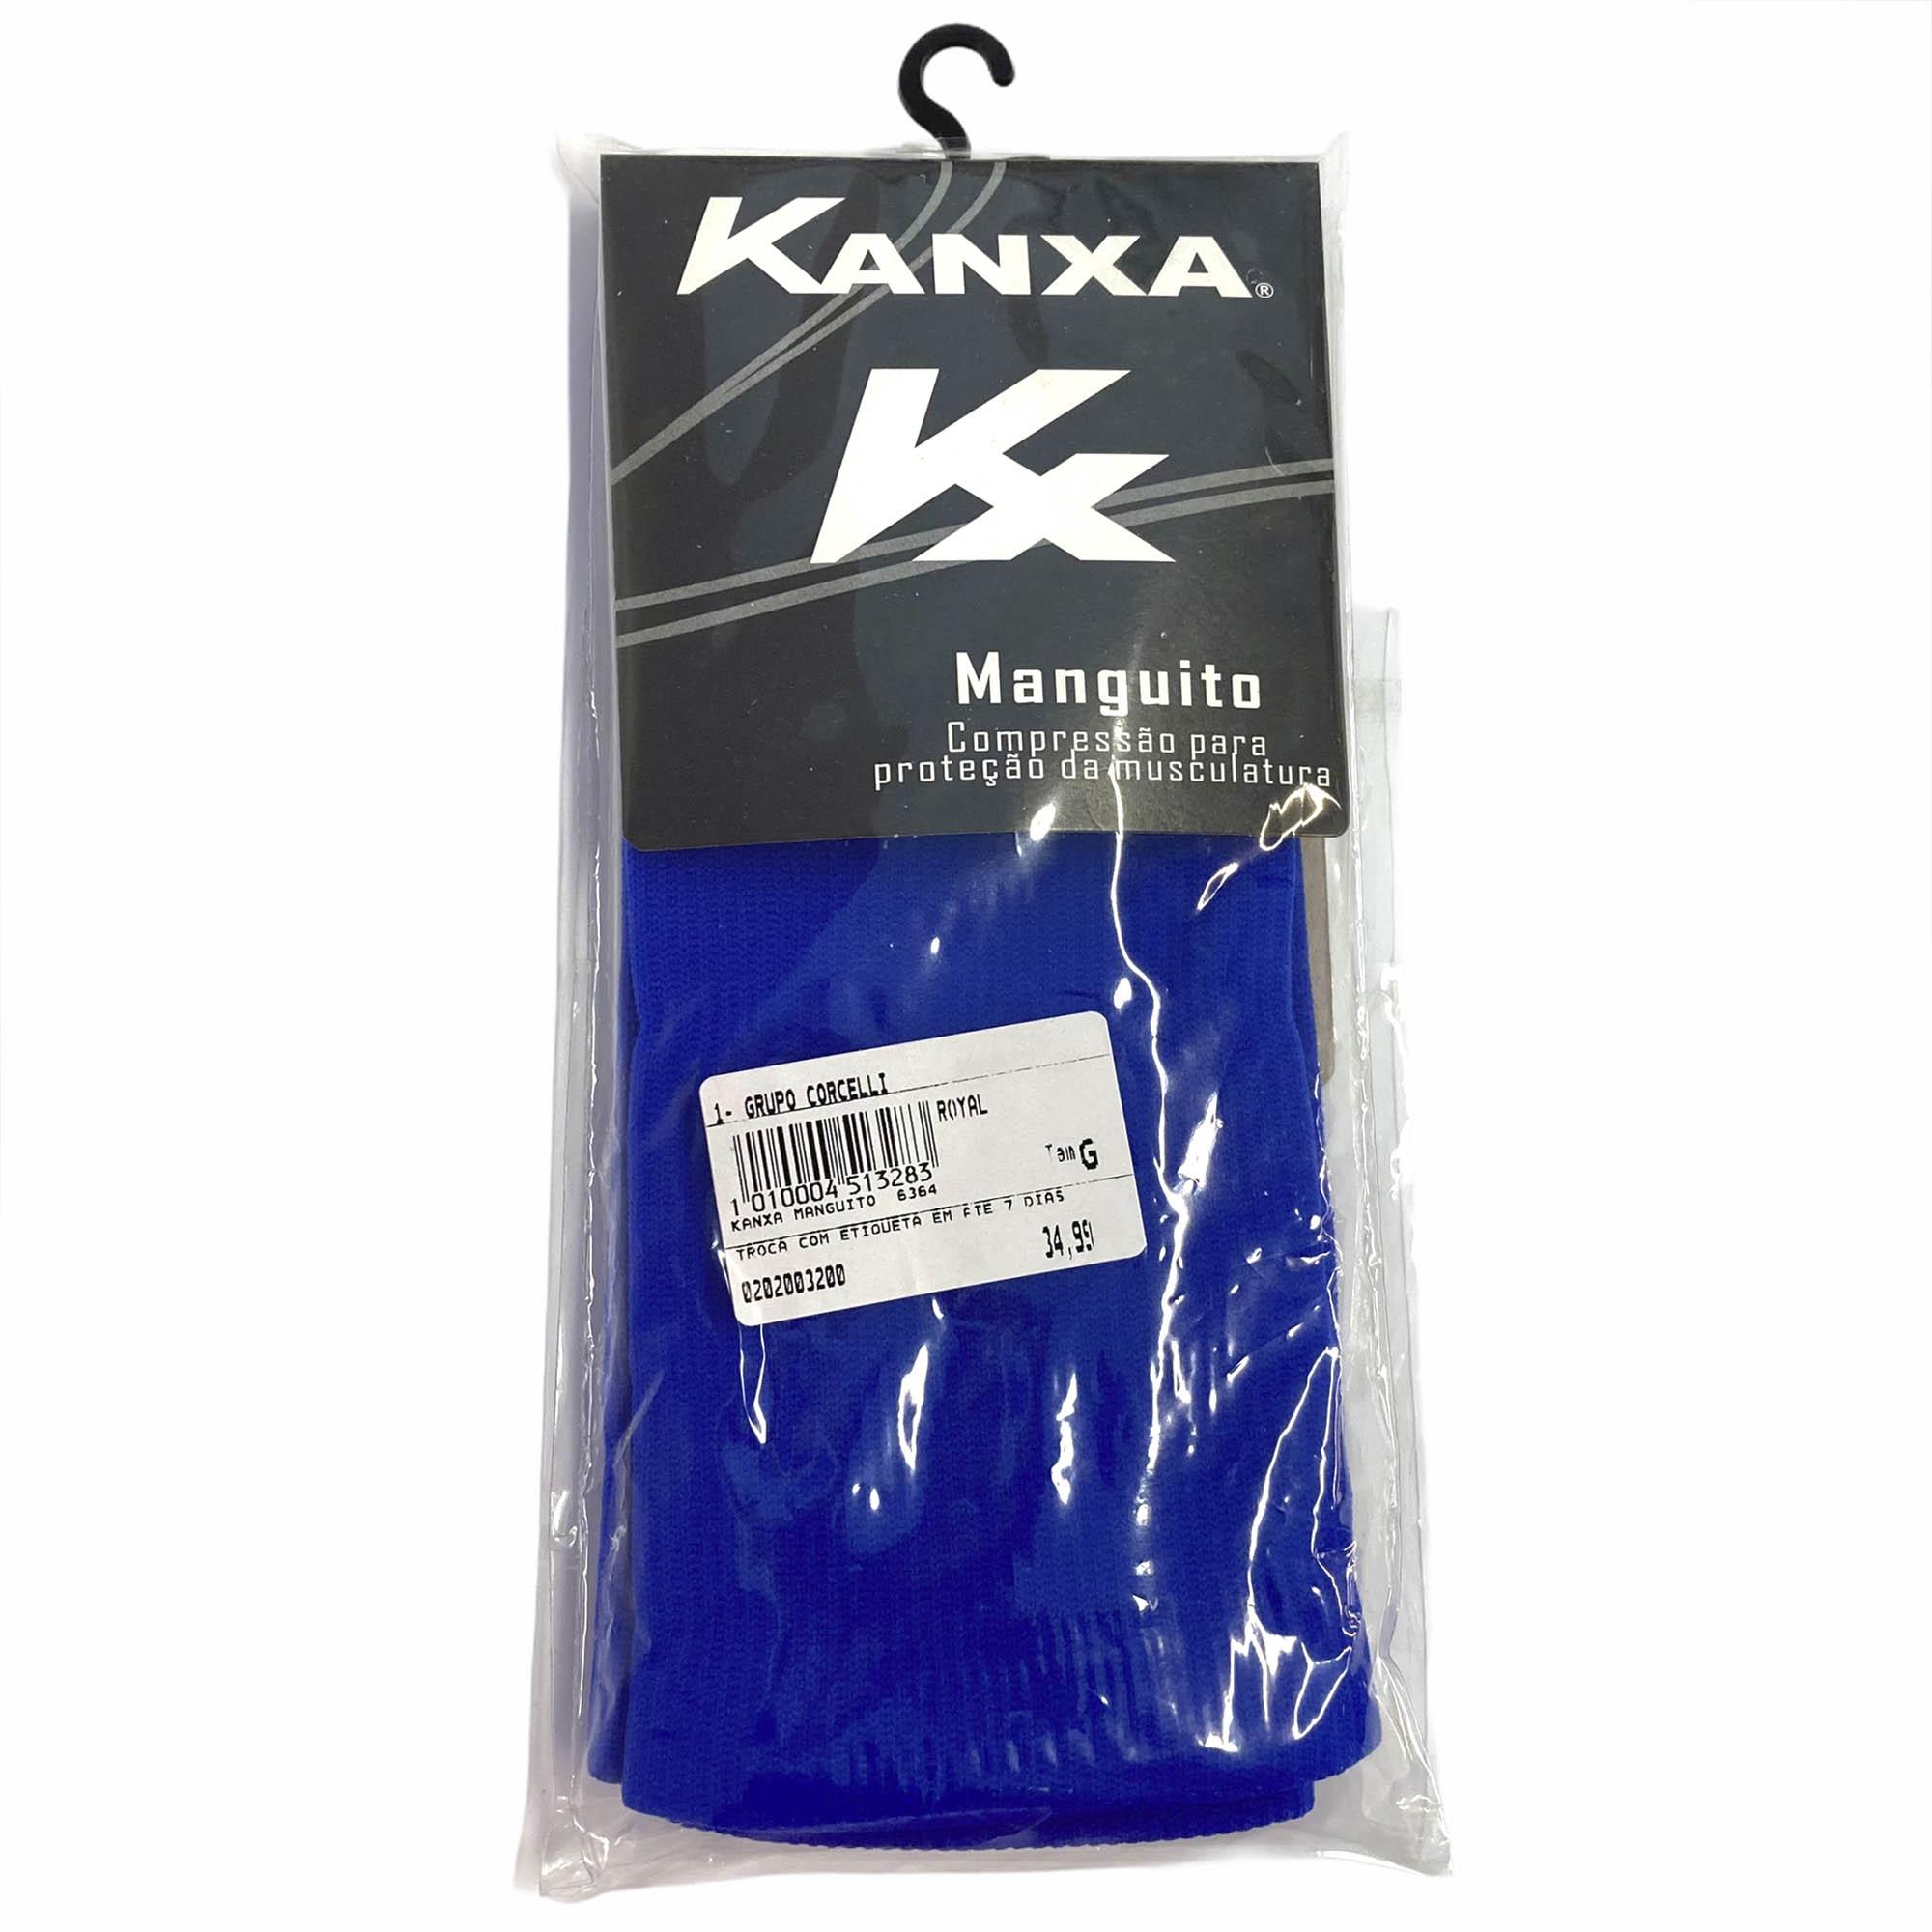 Manguito Mangote Kanxa Braço Proteção Esportes Unissex